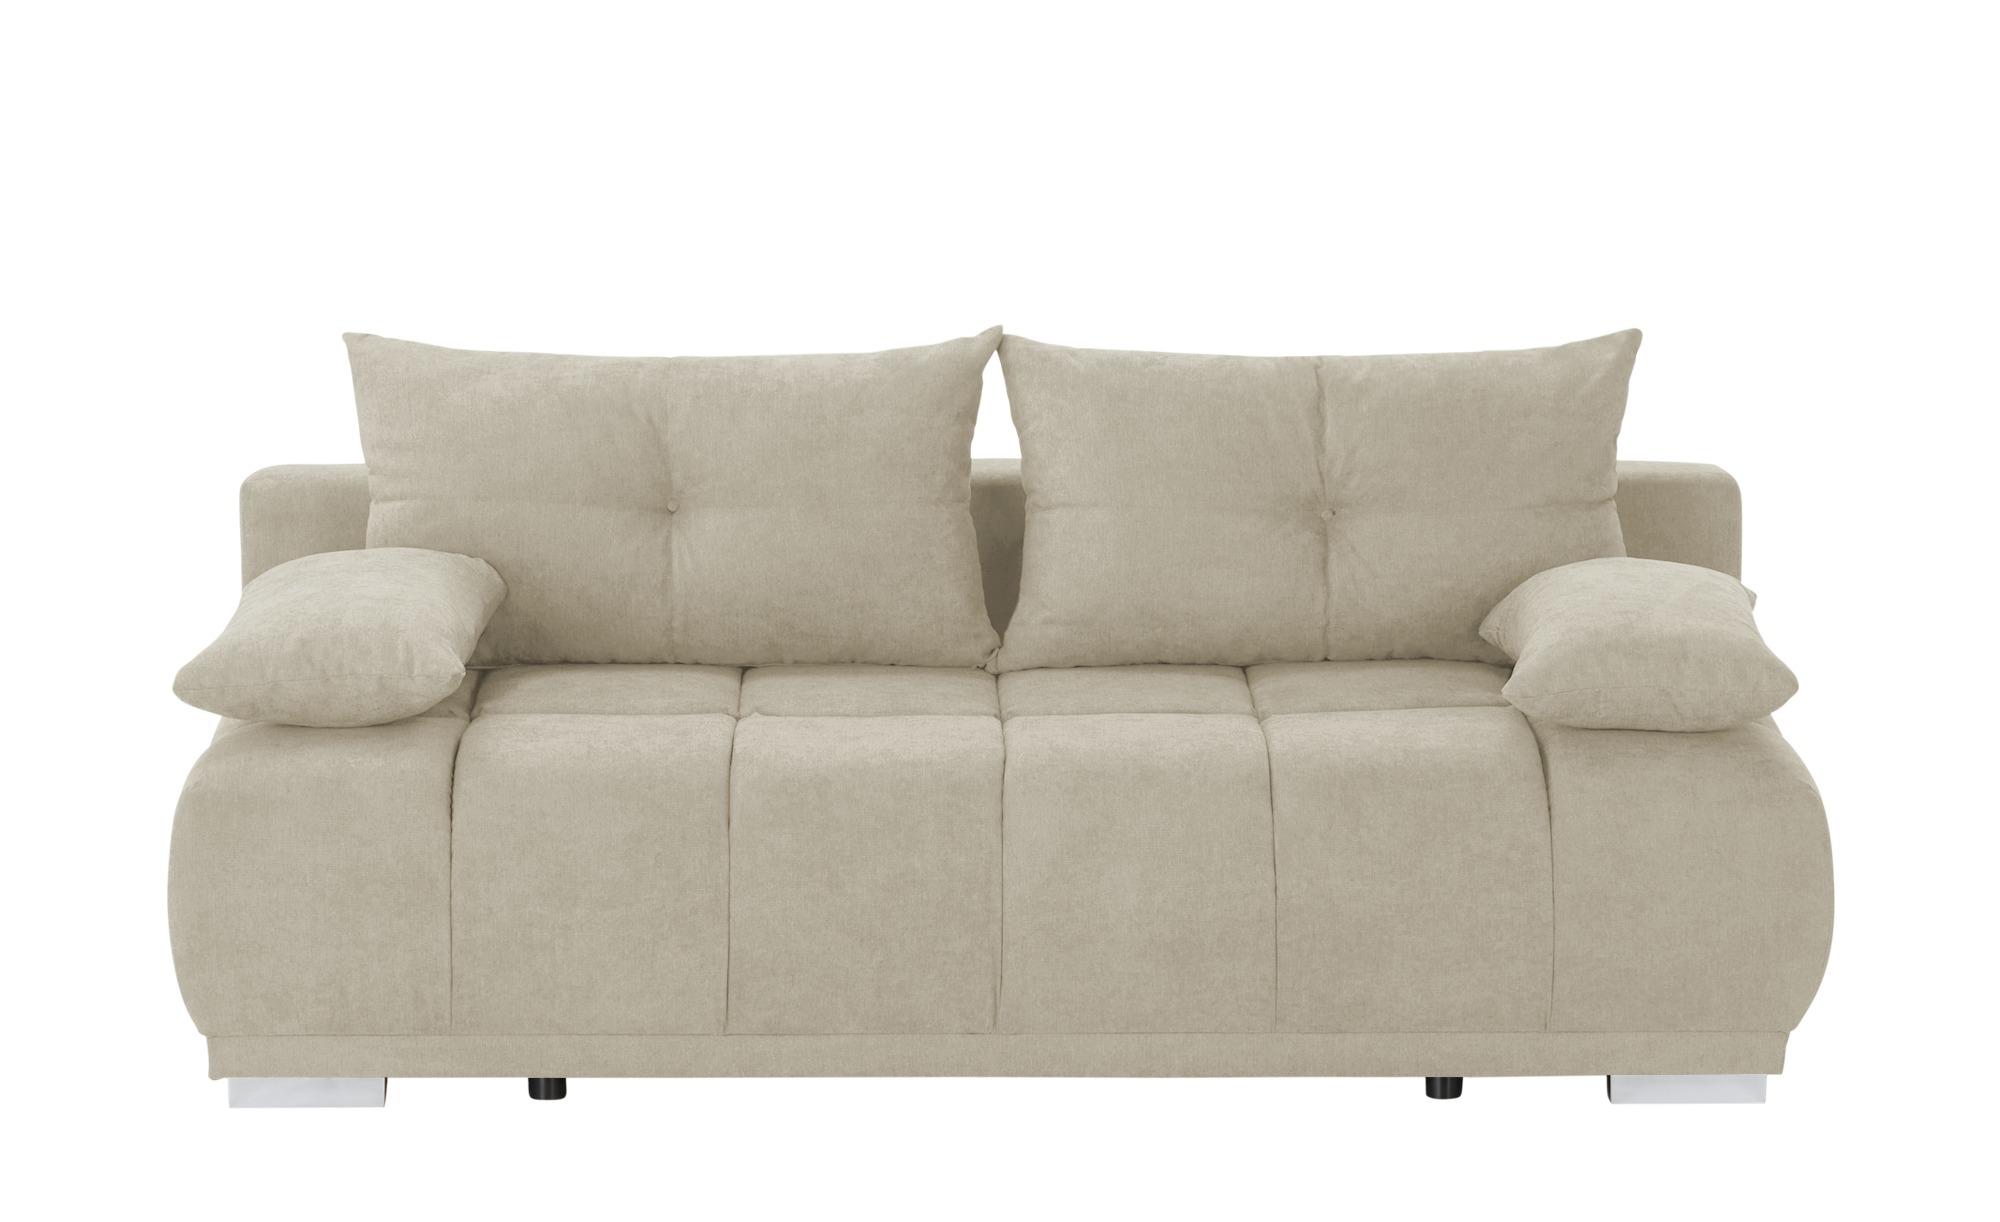 switch Schlafsofa  Gala ¦ beige ¦ Maße (cm): B: 208 H: 92 T: 102 Polstermöbel > Sofas > 2-Sitzer - Höffner